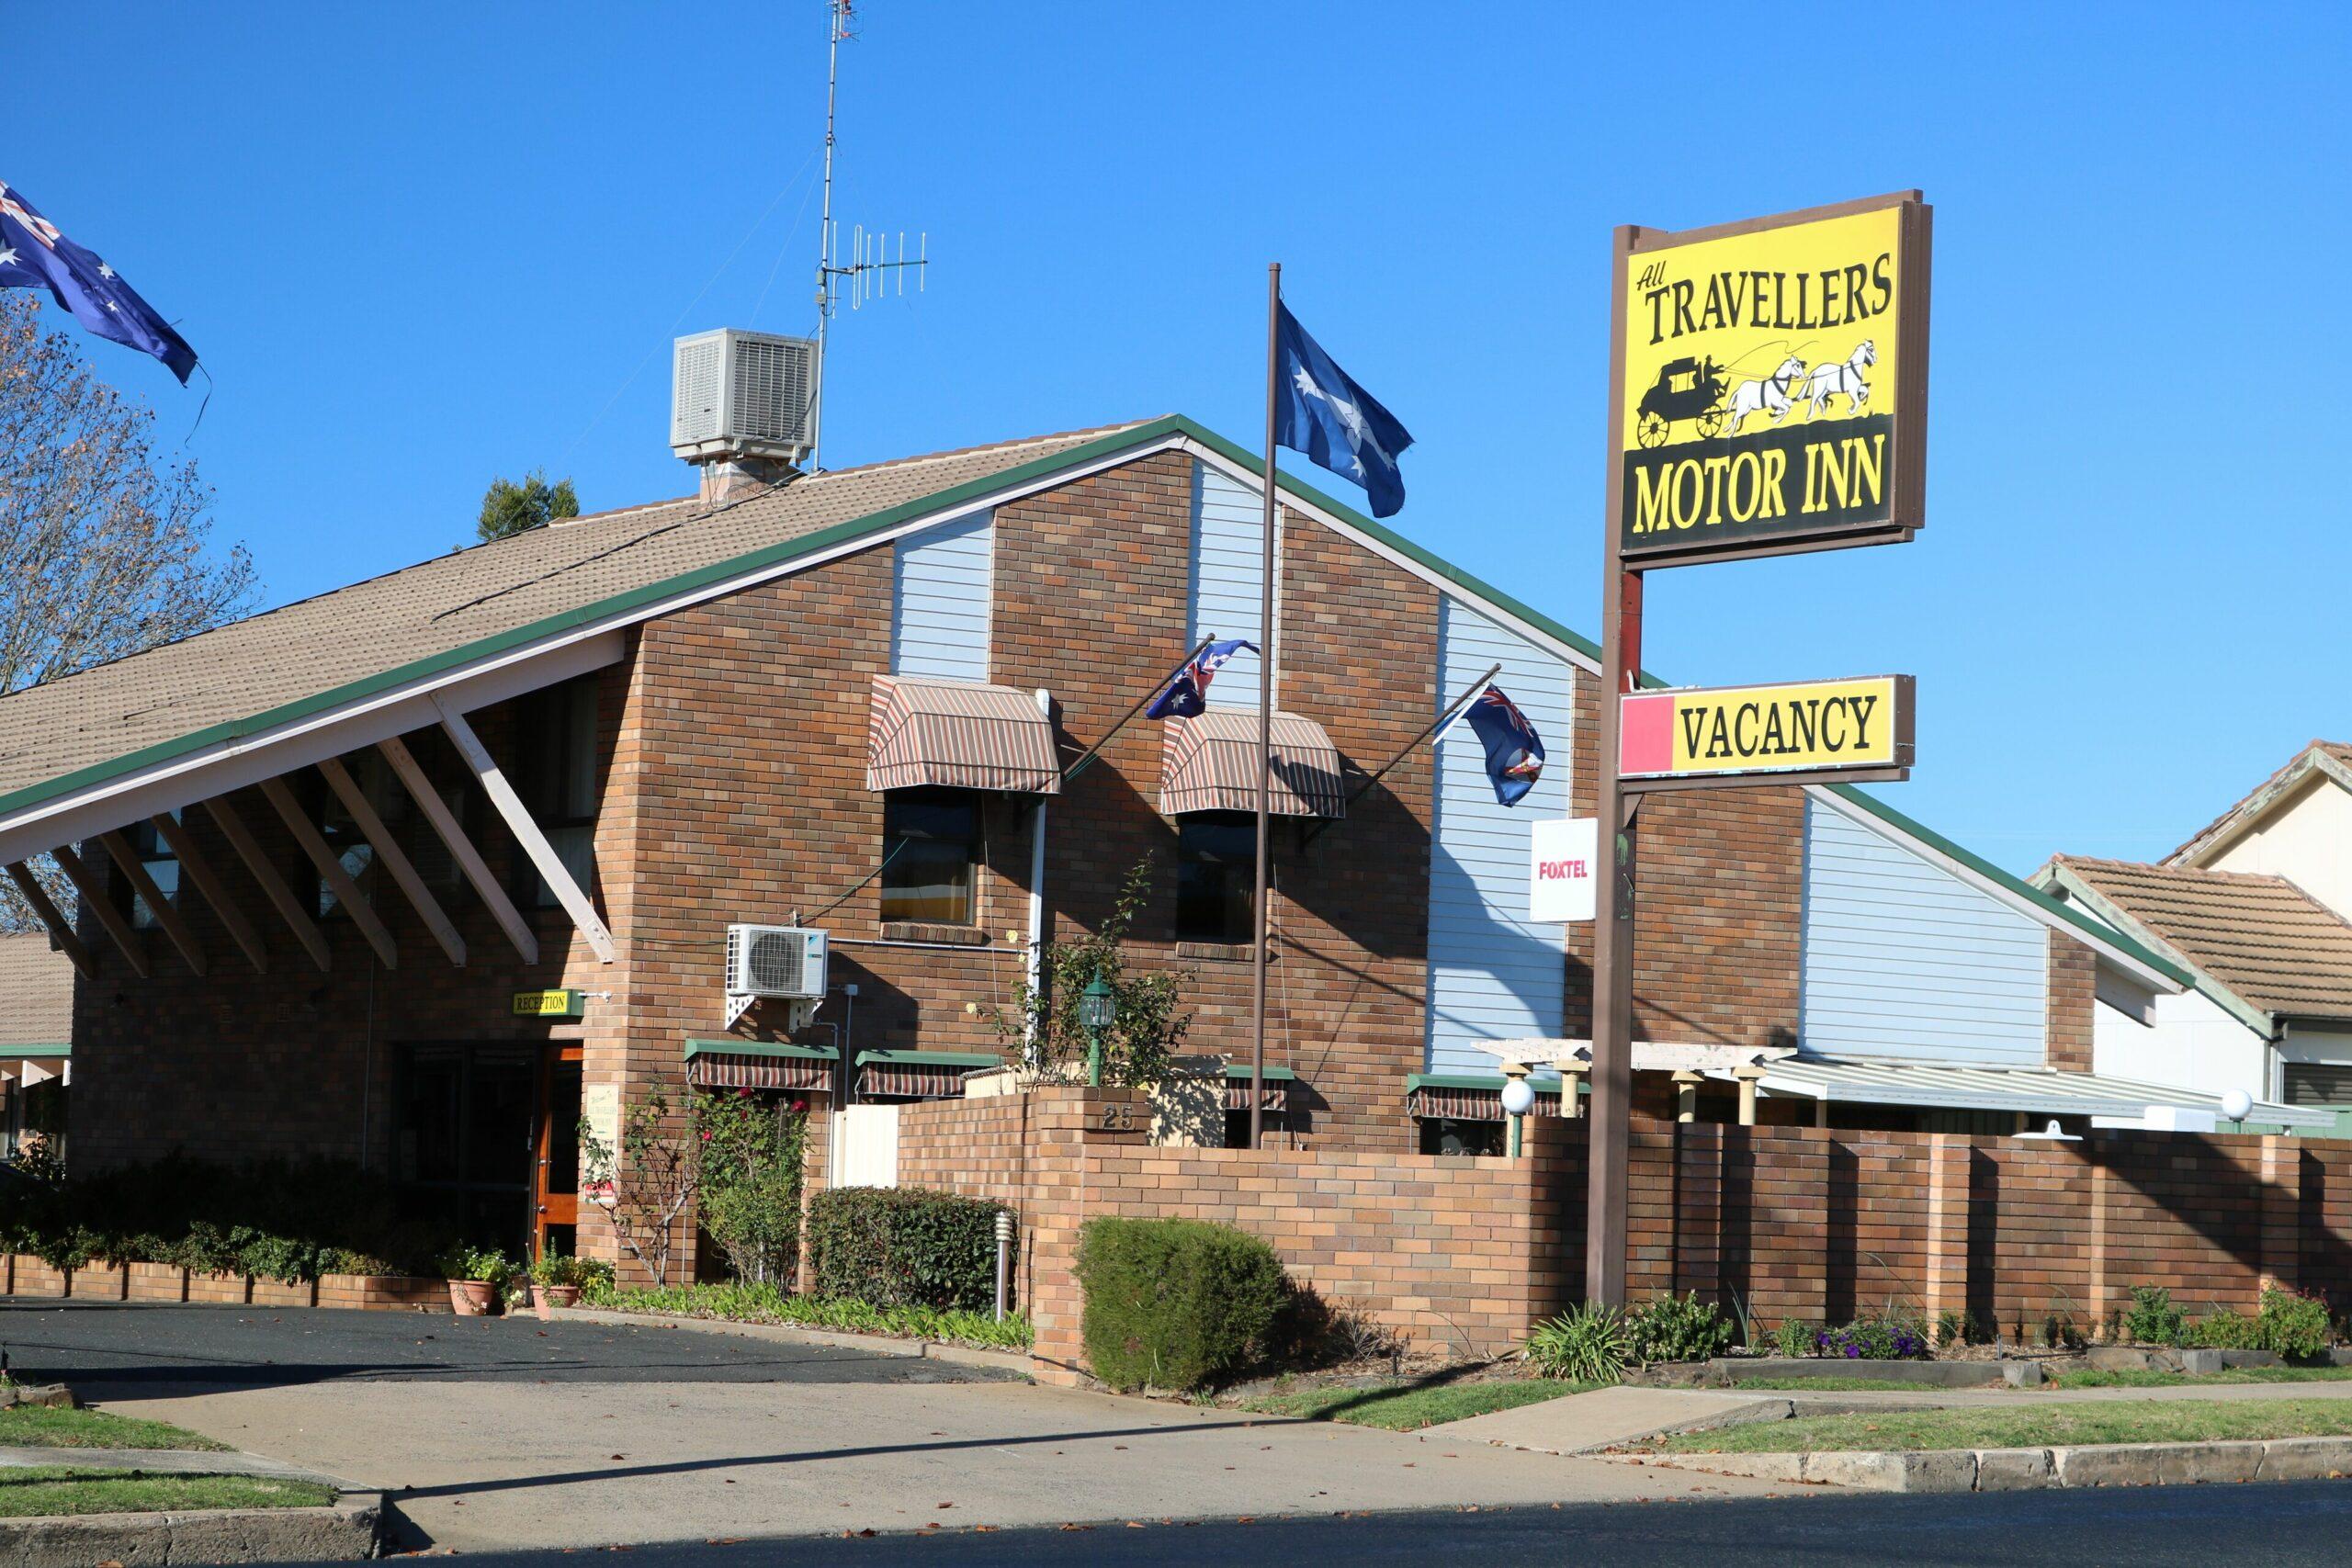 All Travellers Motor Inn